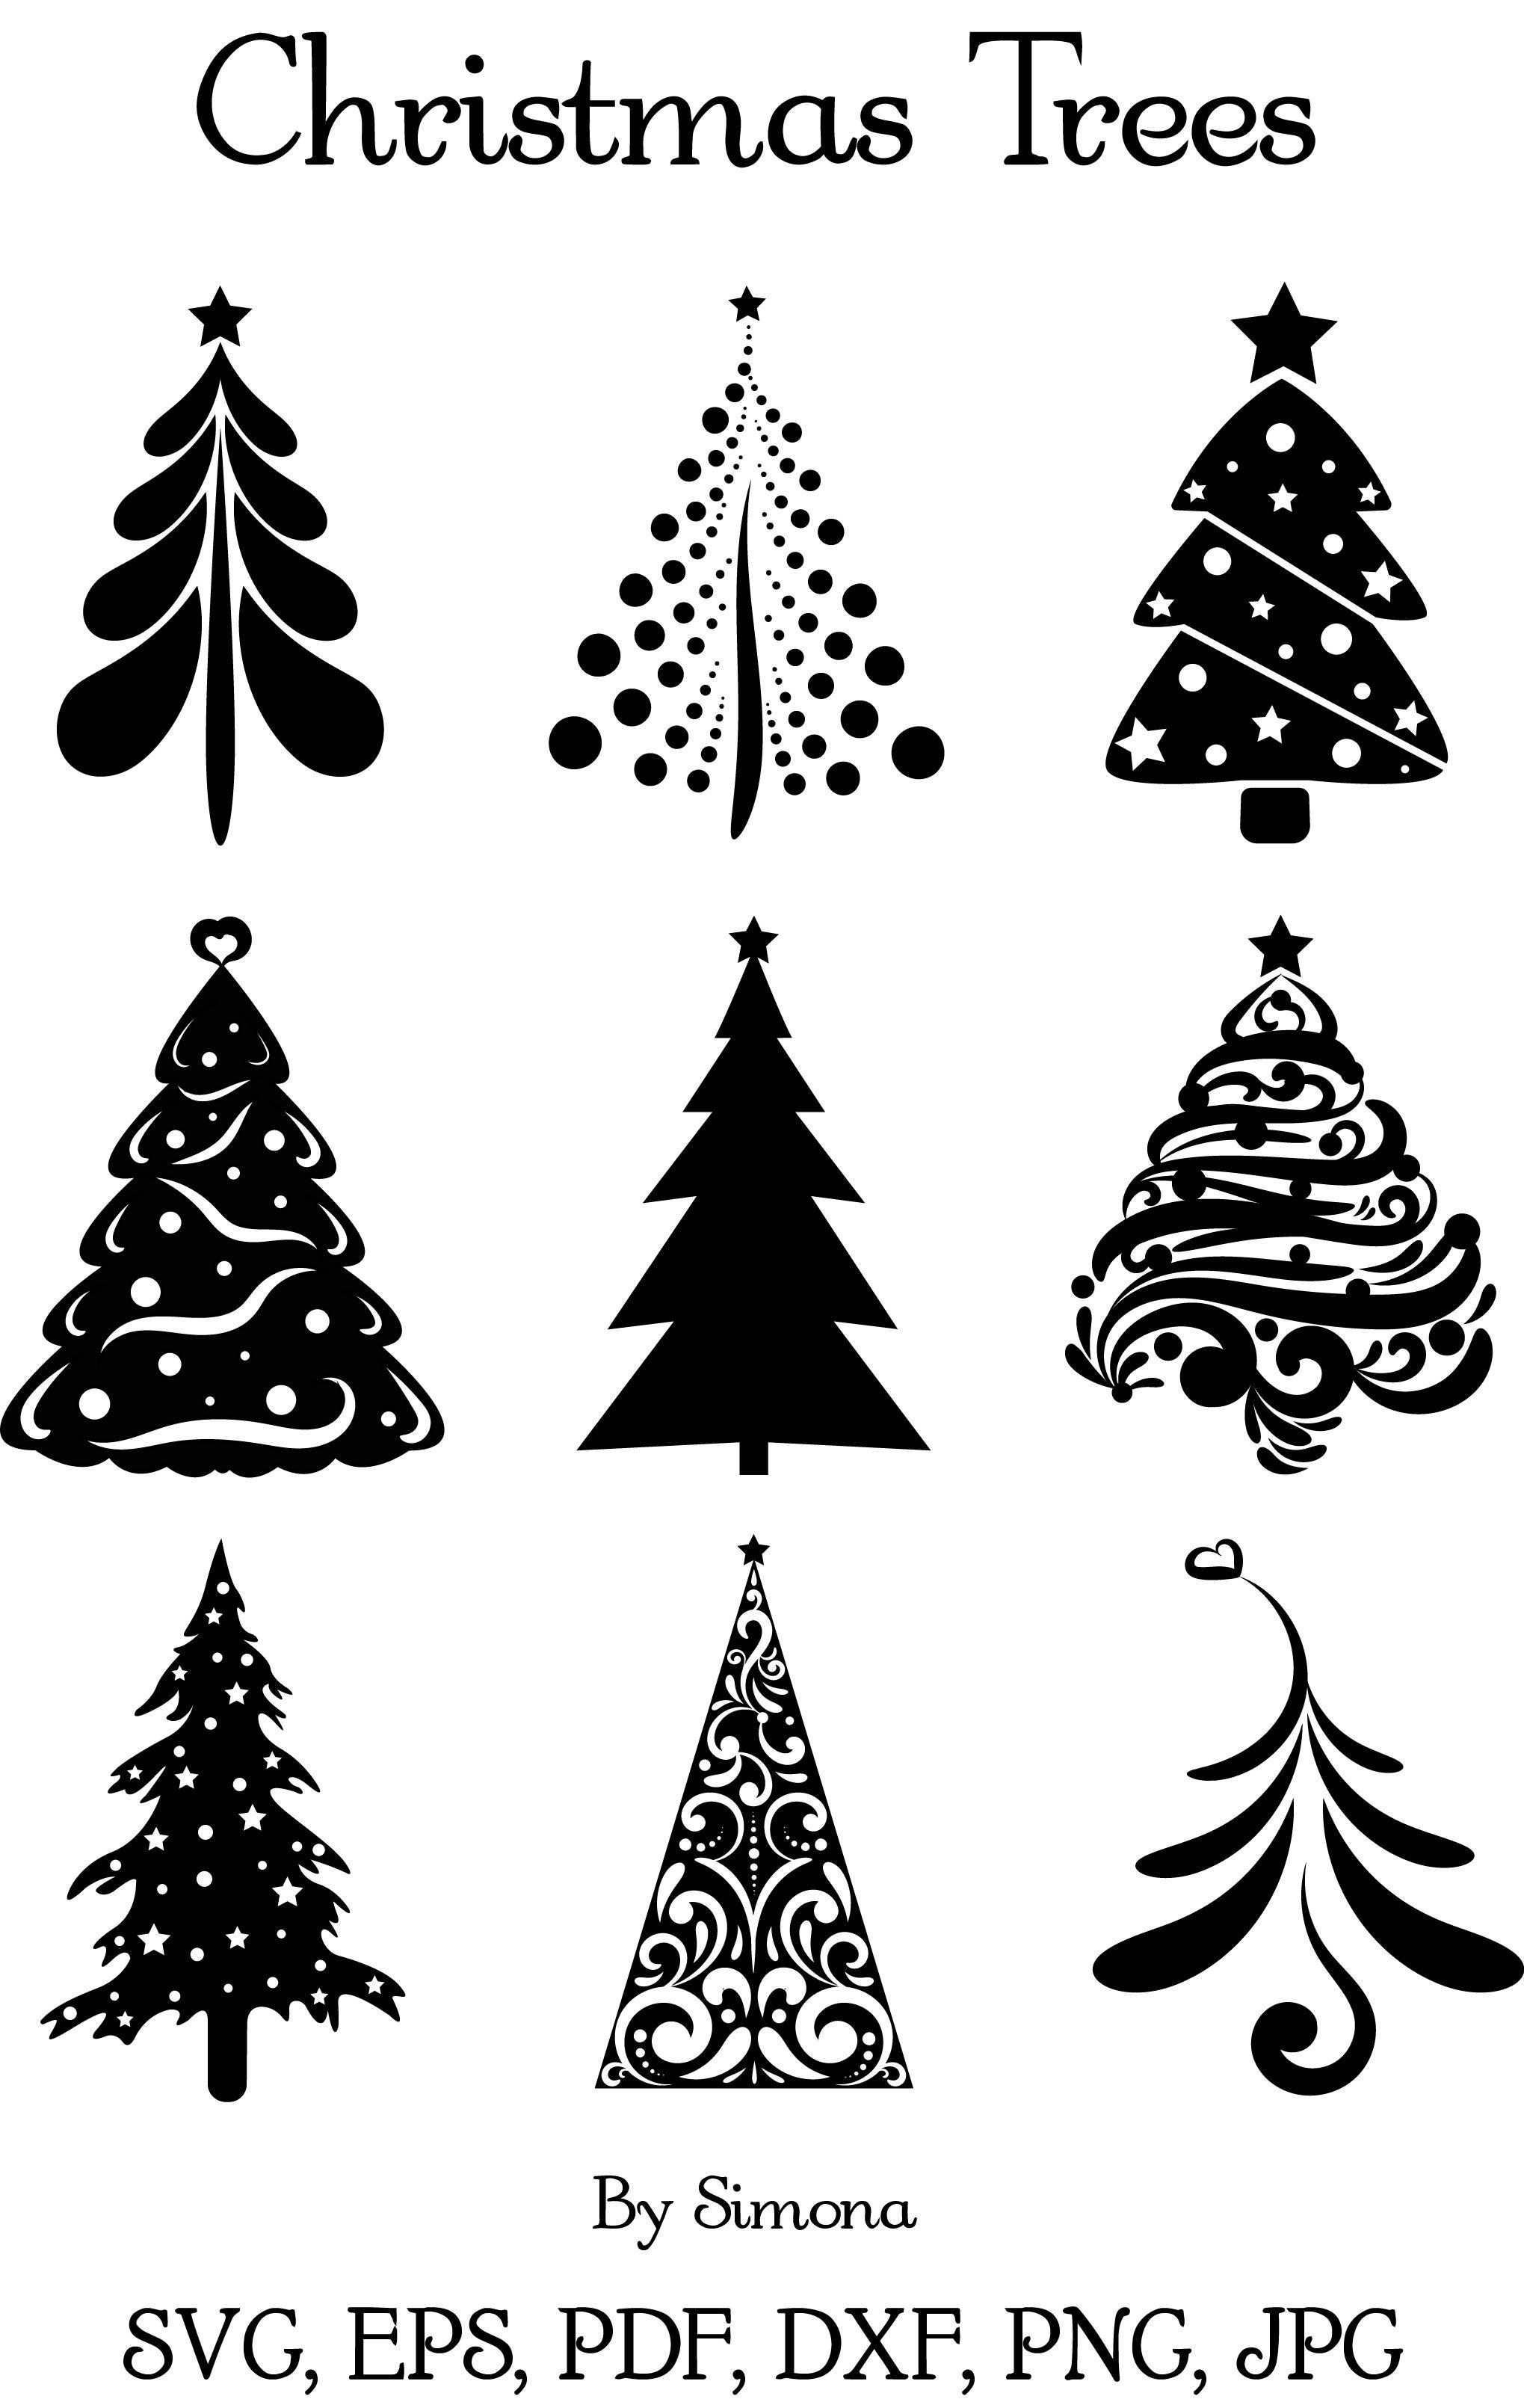 Chirstmas Trees Svg Christmas Tree Stencil Christmas Stencils Christmas Cards Handmade